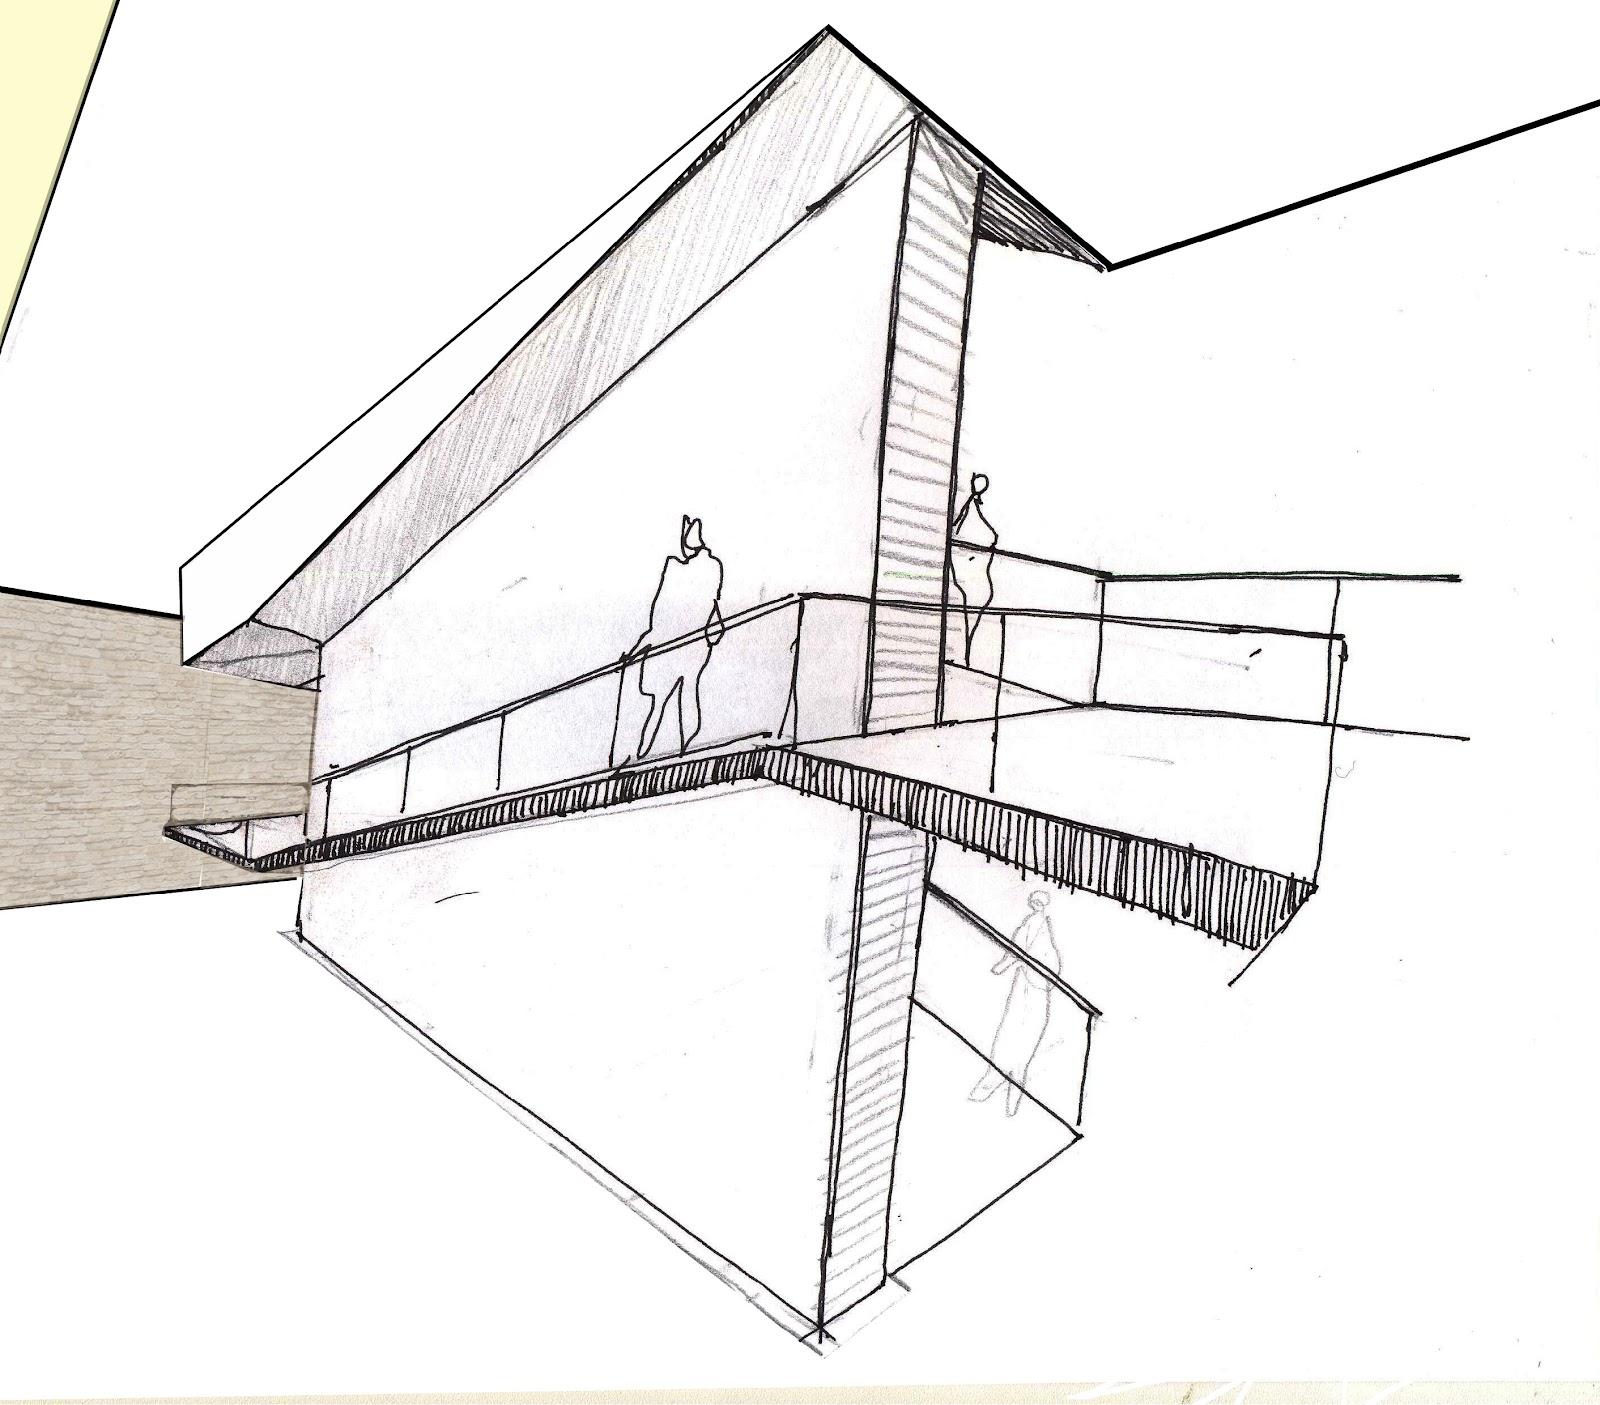 Arquitectura Dise O Originalidad Dise O De Rampa Planta